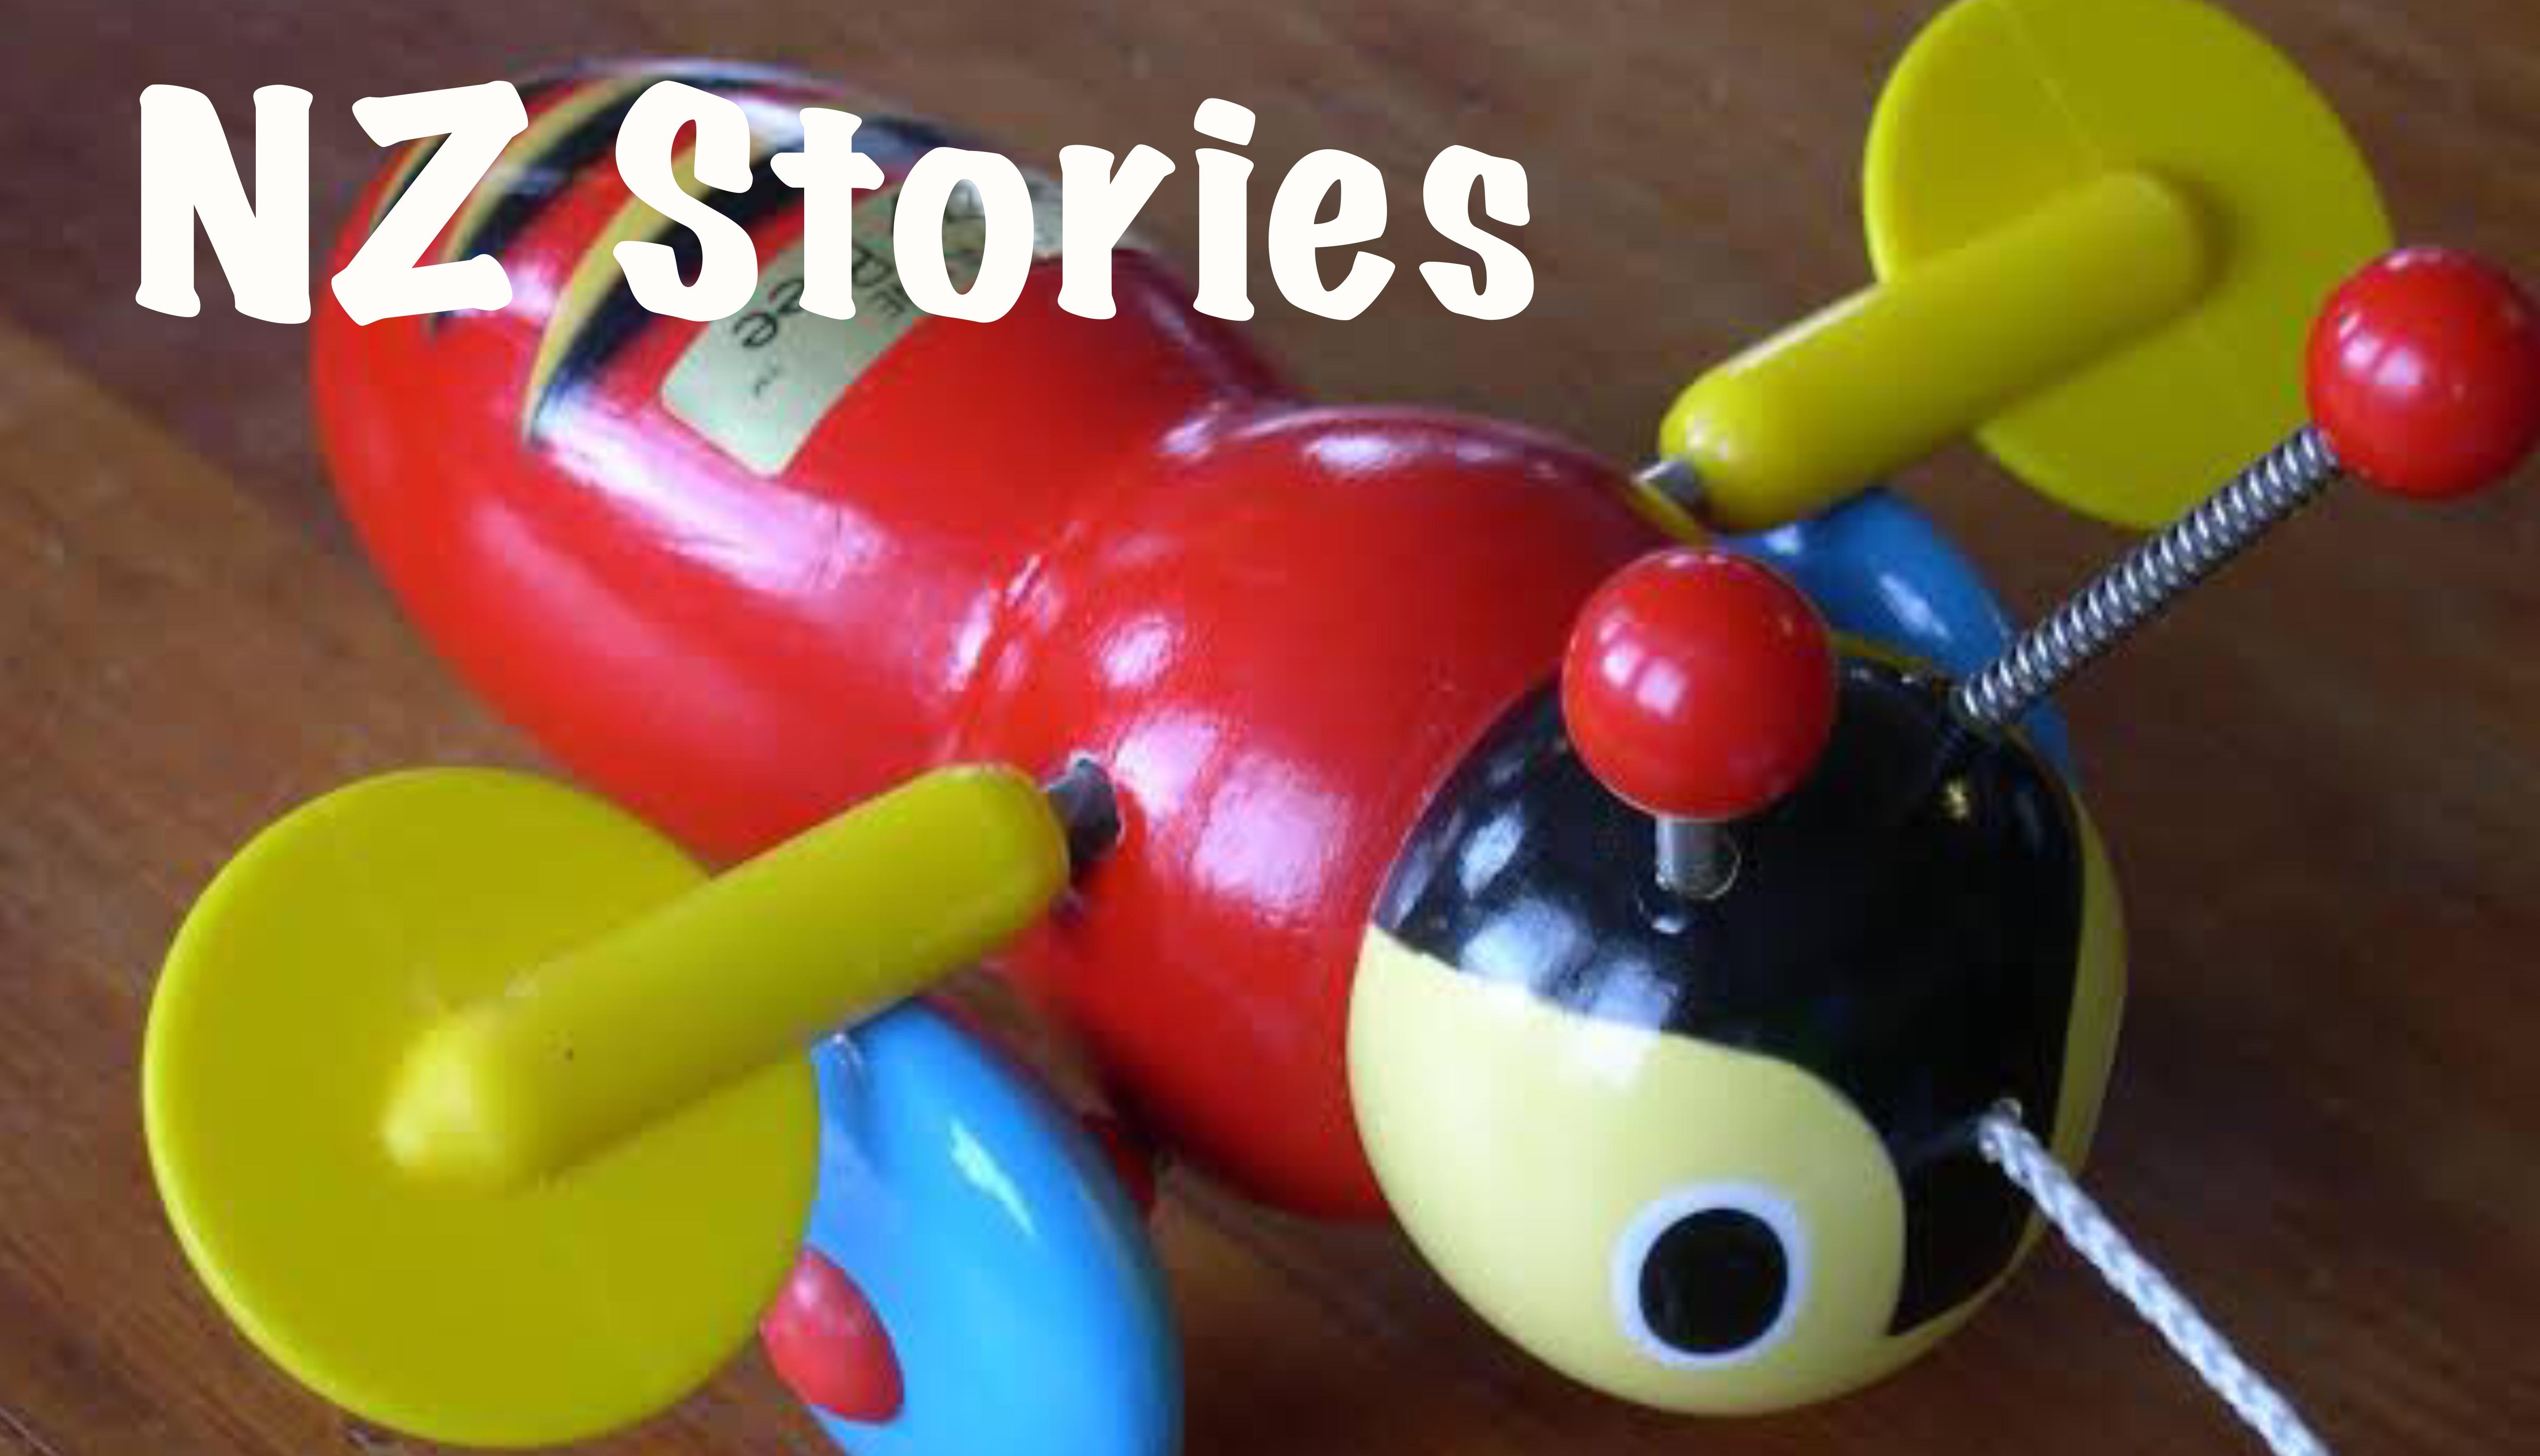 NZ Stories Genre